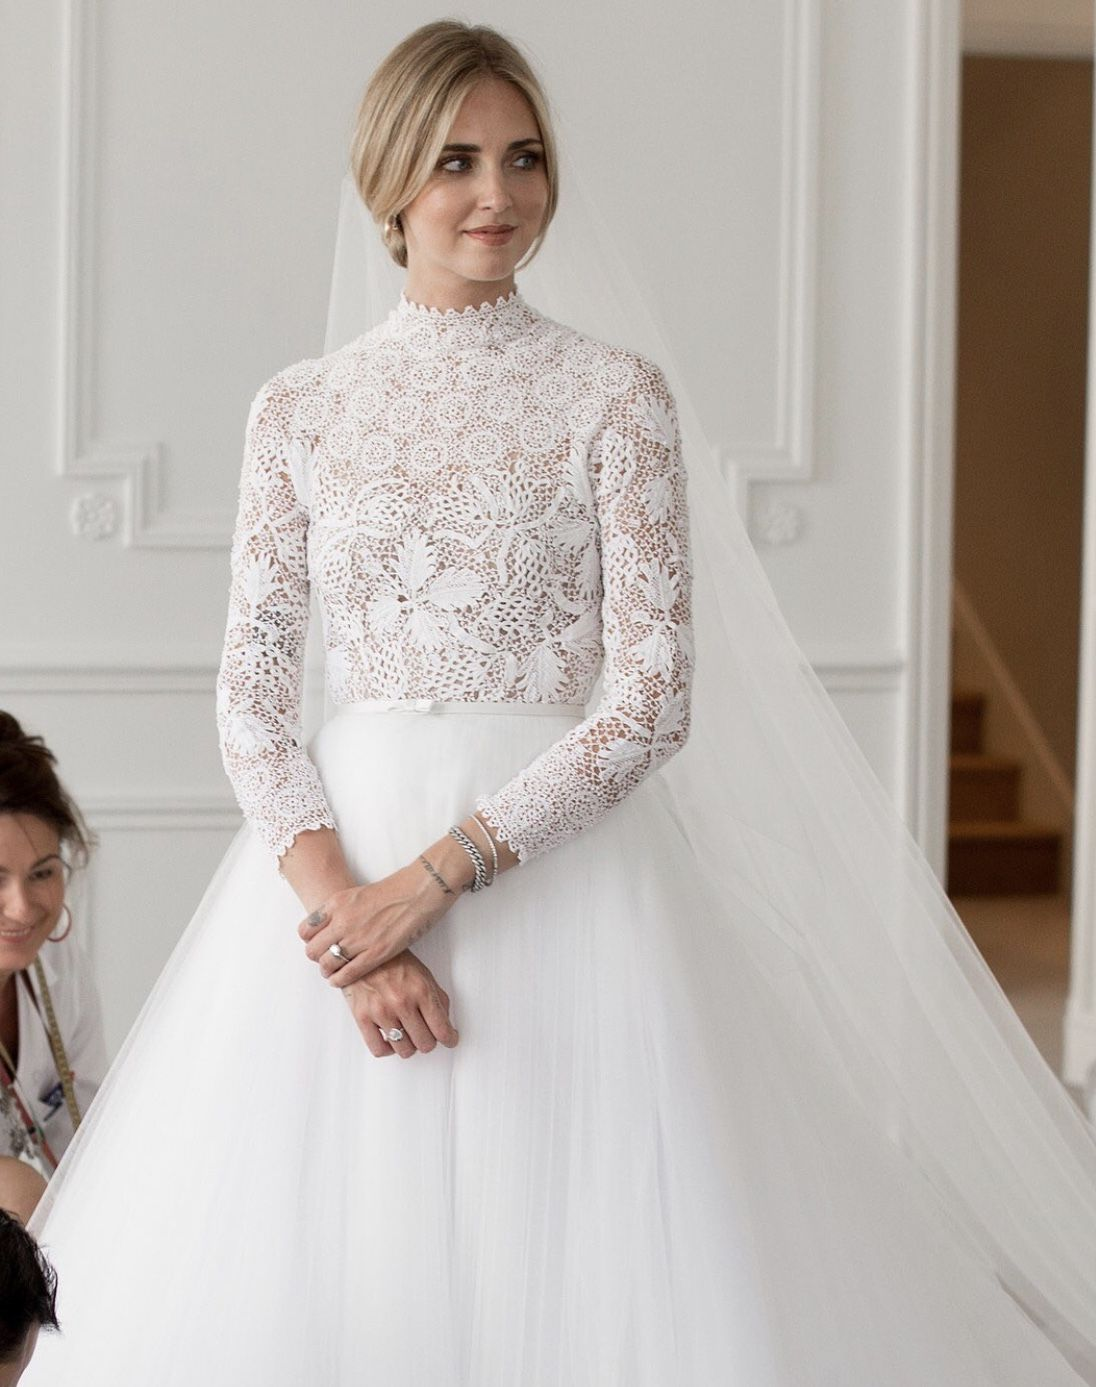 Chiara Ferragni Wedding Dress By Dior Bridal Dresses In